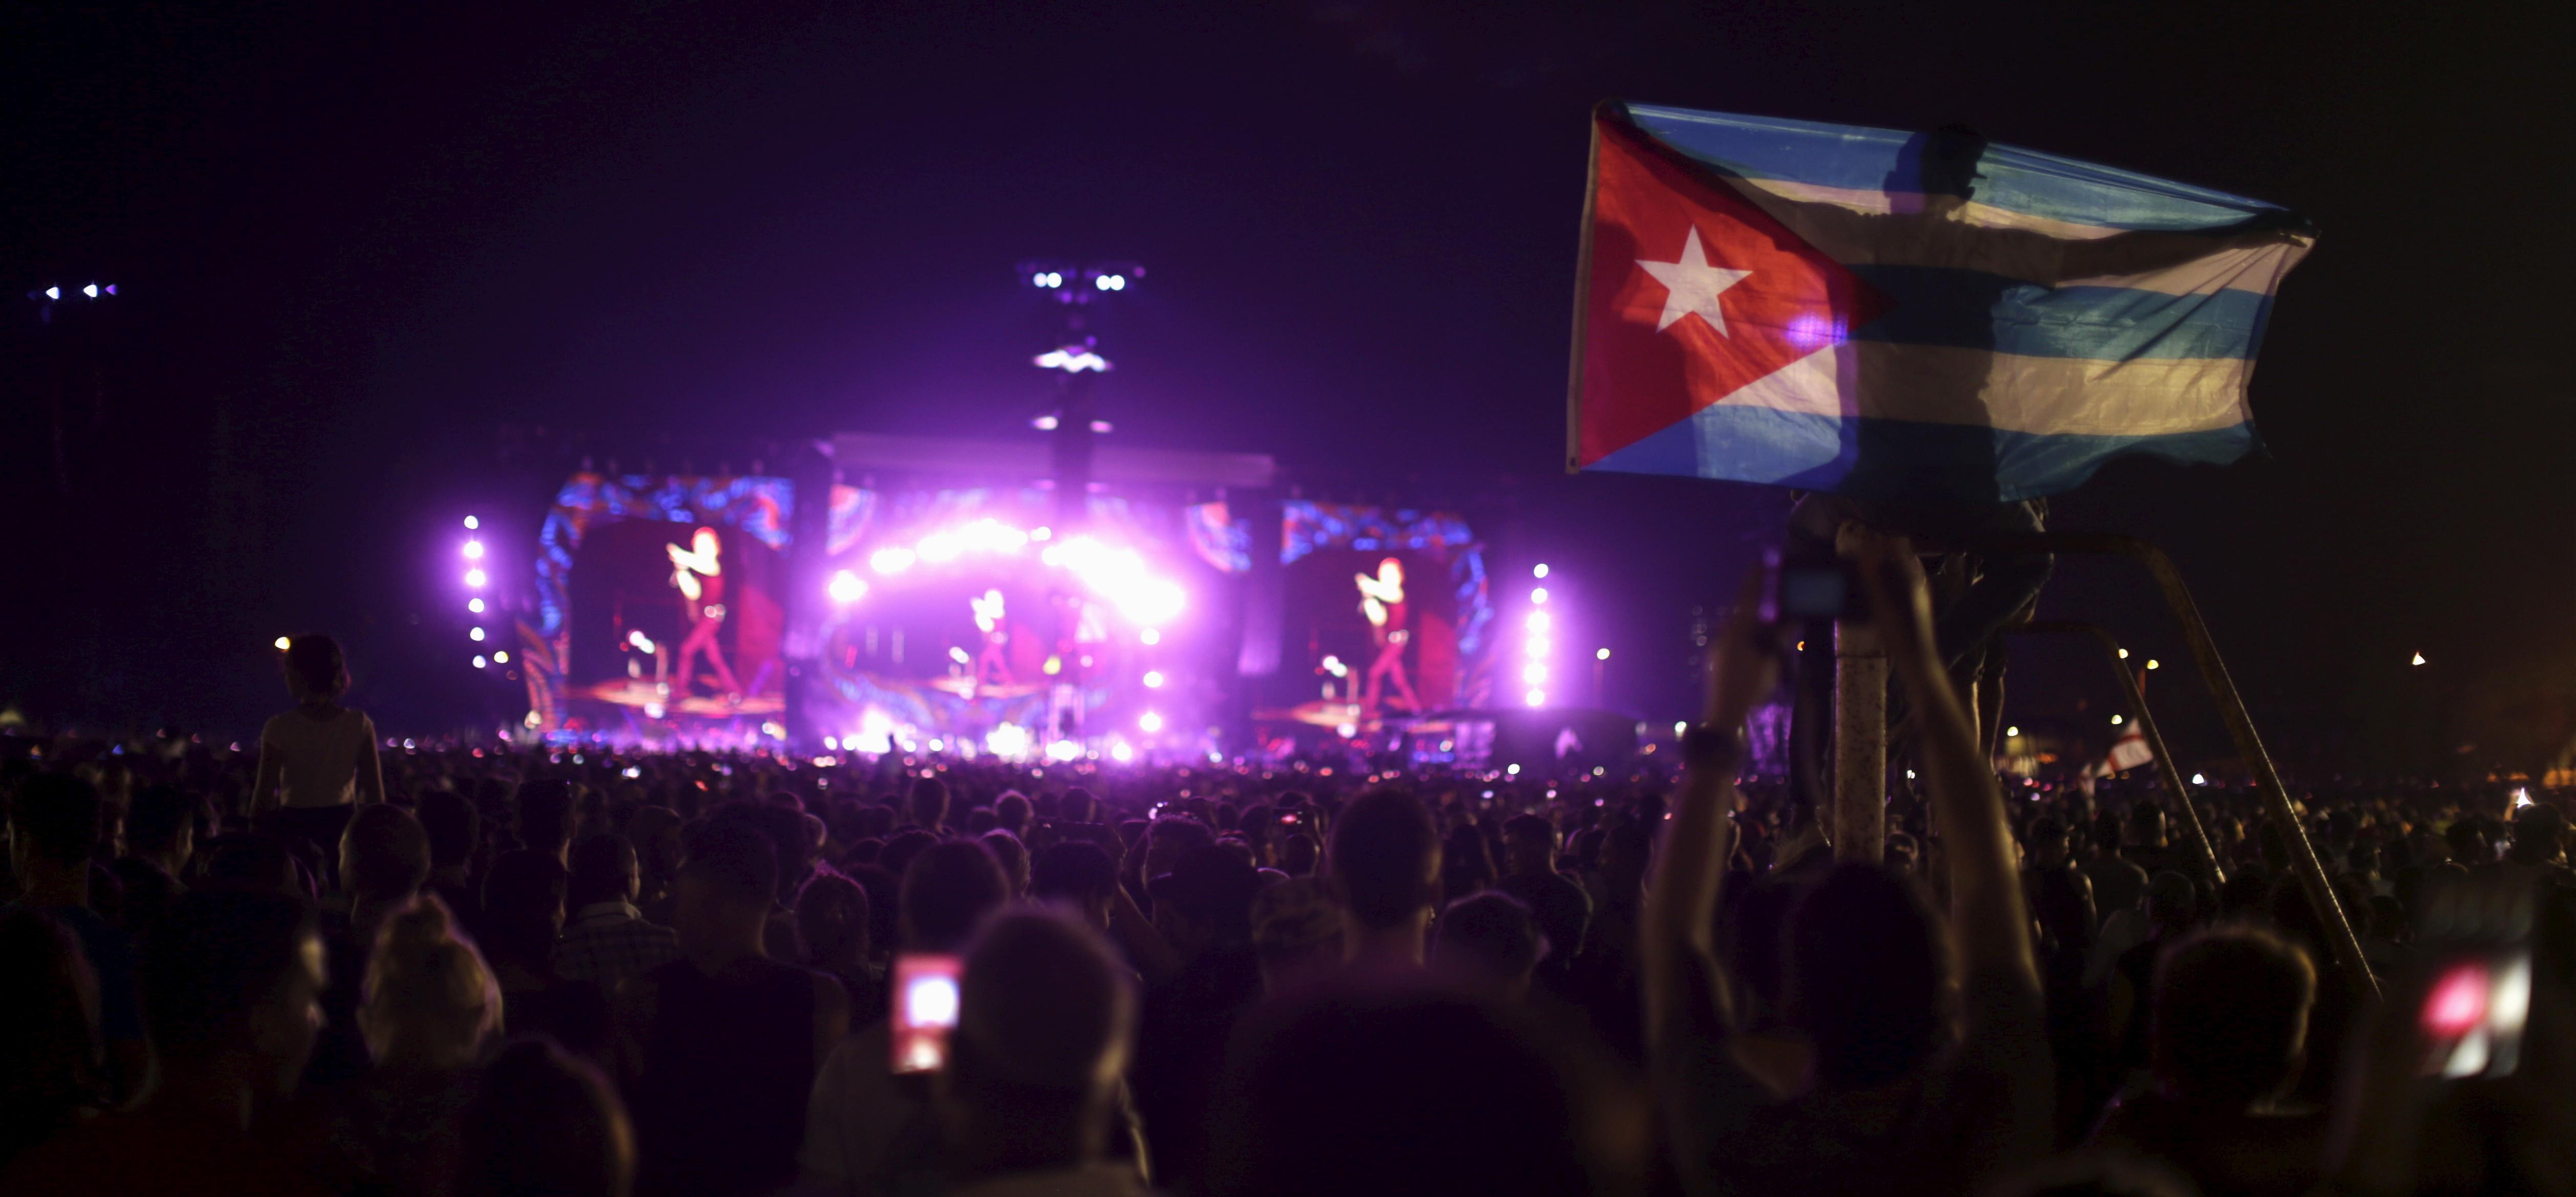 Concierto de los Rolling Stones en La Habana, Cuba. FOTO: Reuters